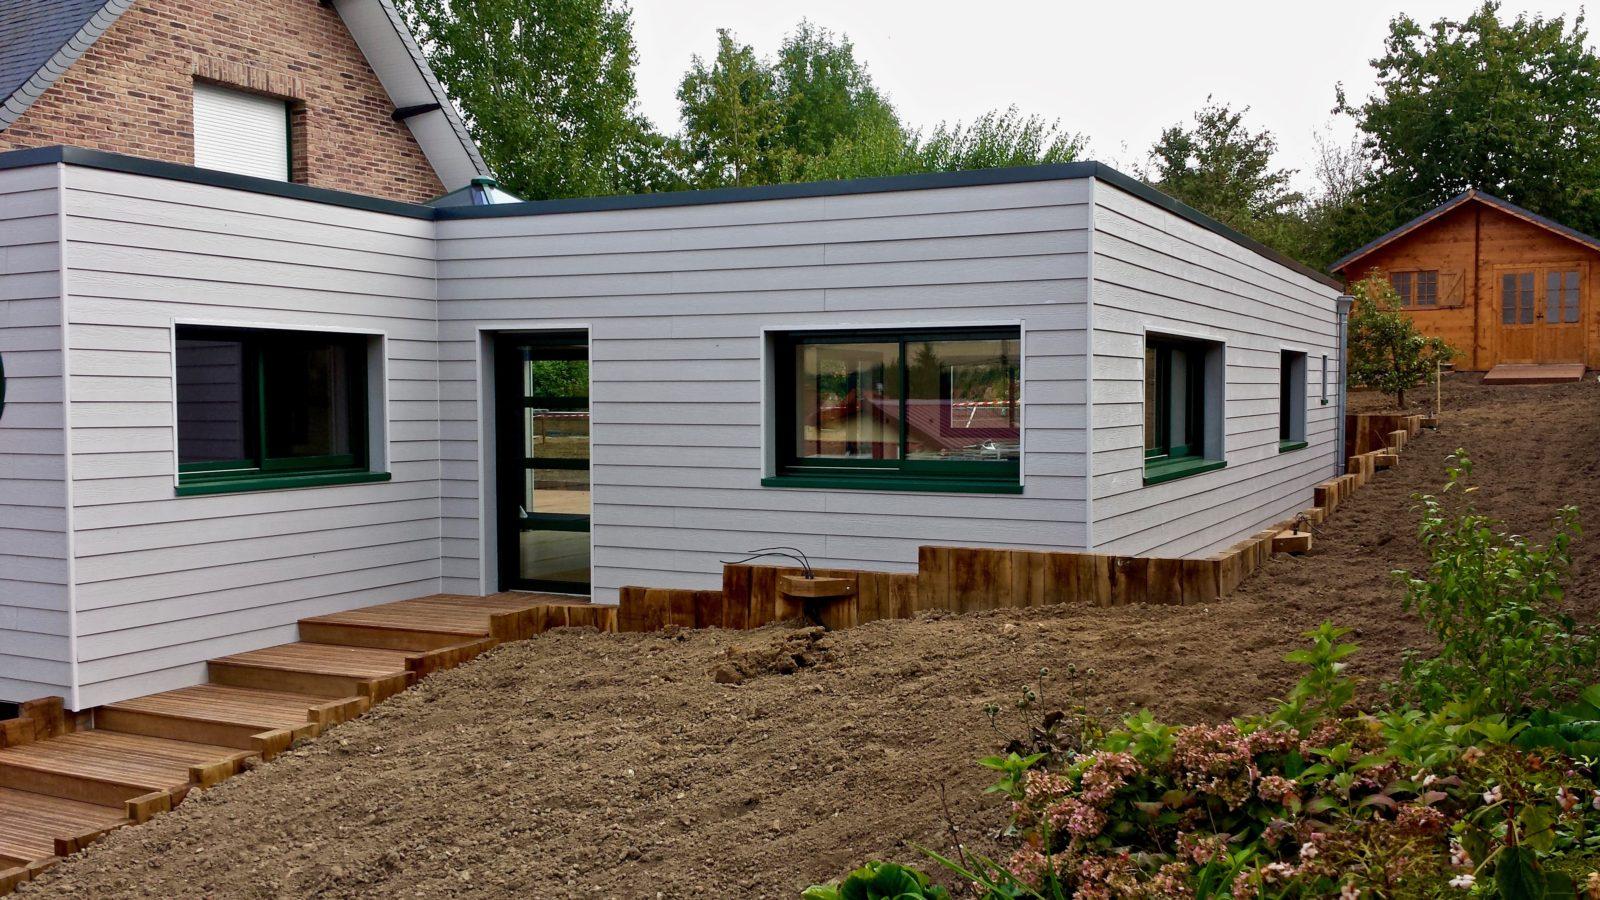 extension en composite sureleveesur maison traditionnelle 3